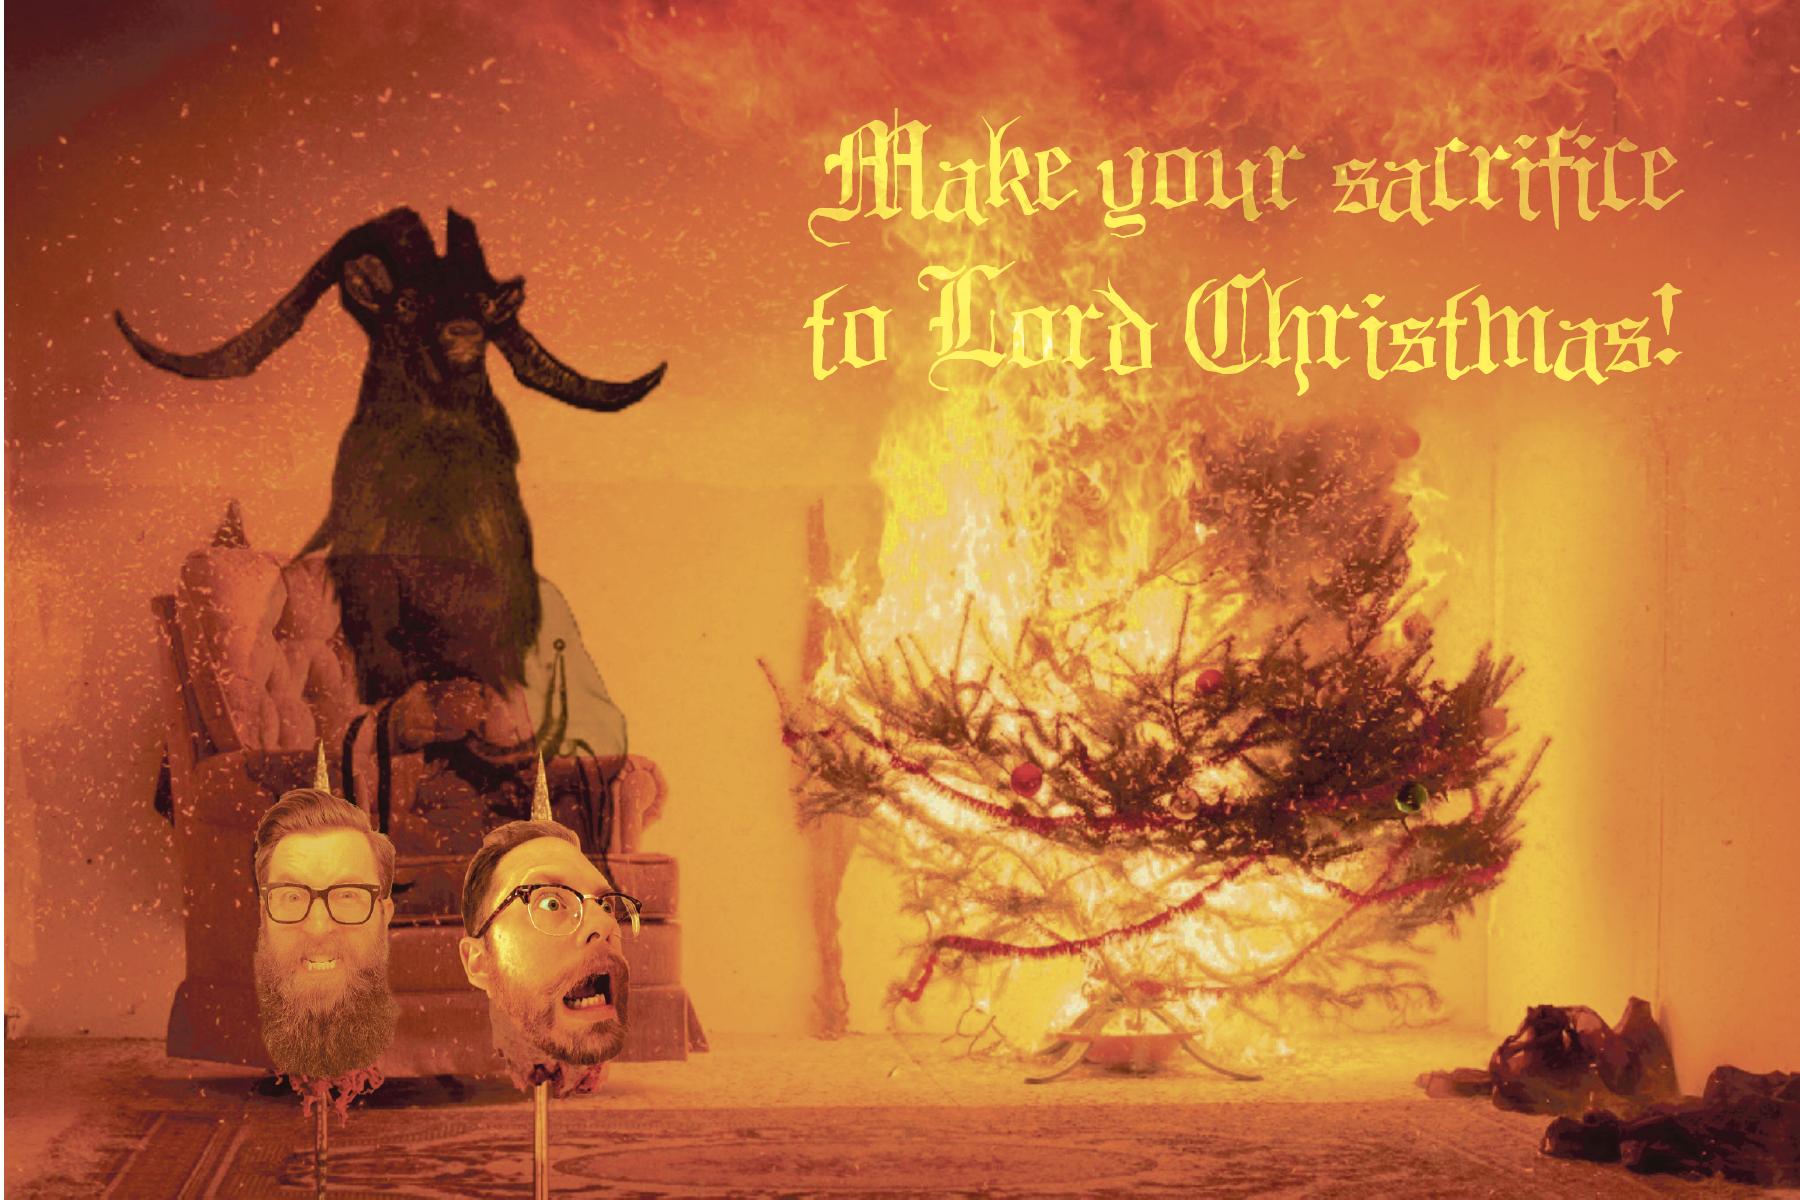 12 - Sacrifice to Lord Christmas.png